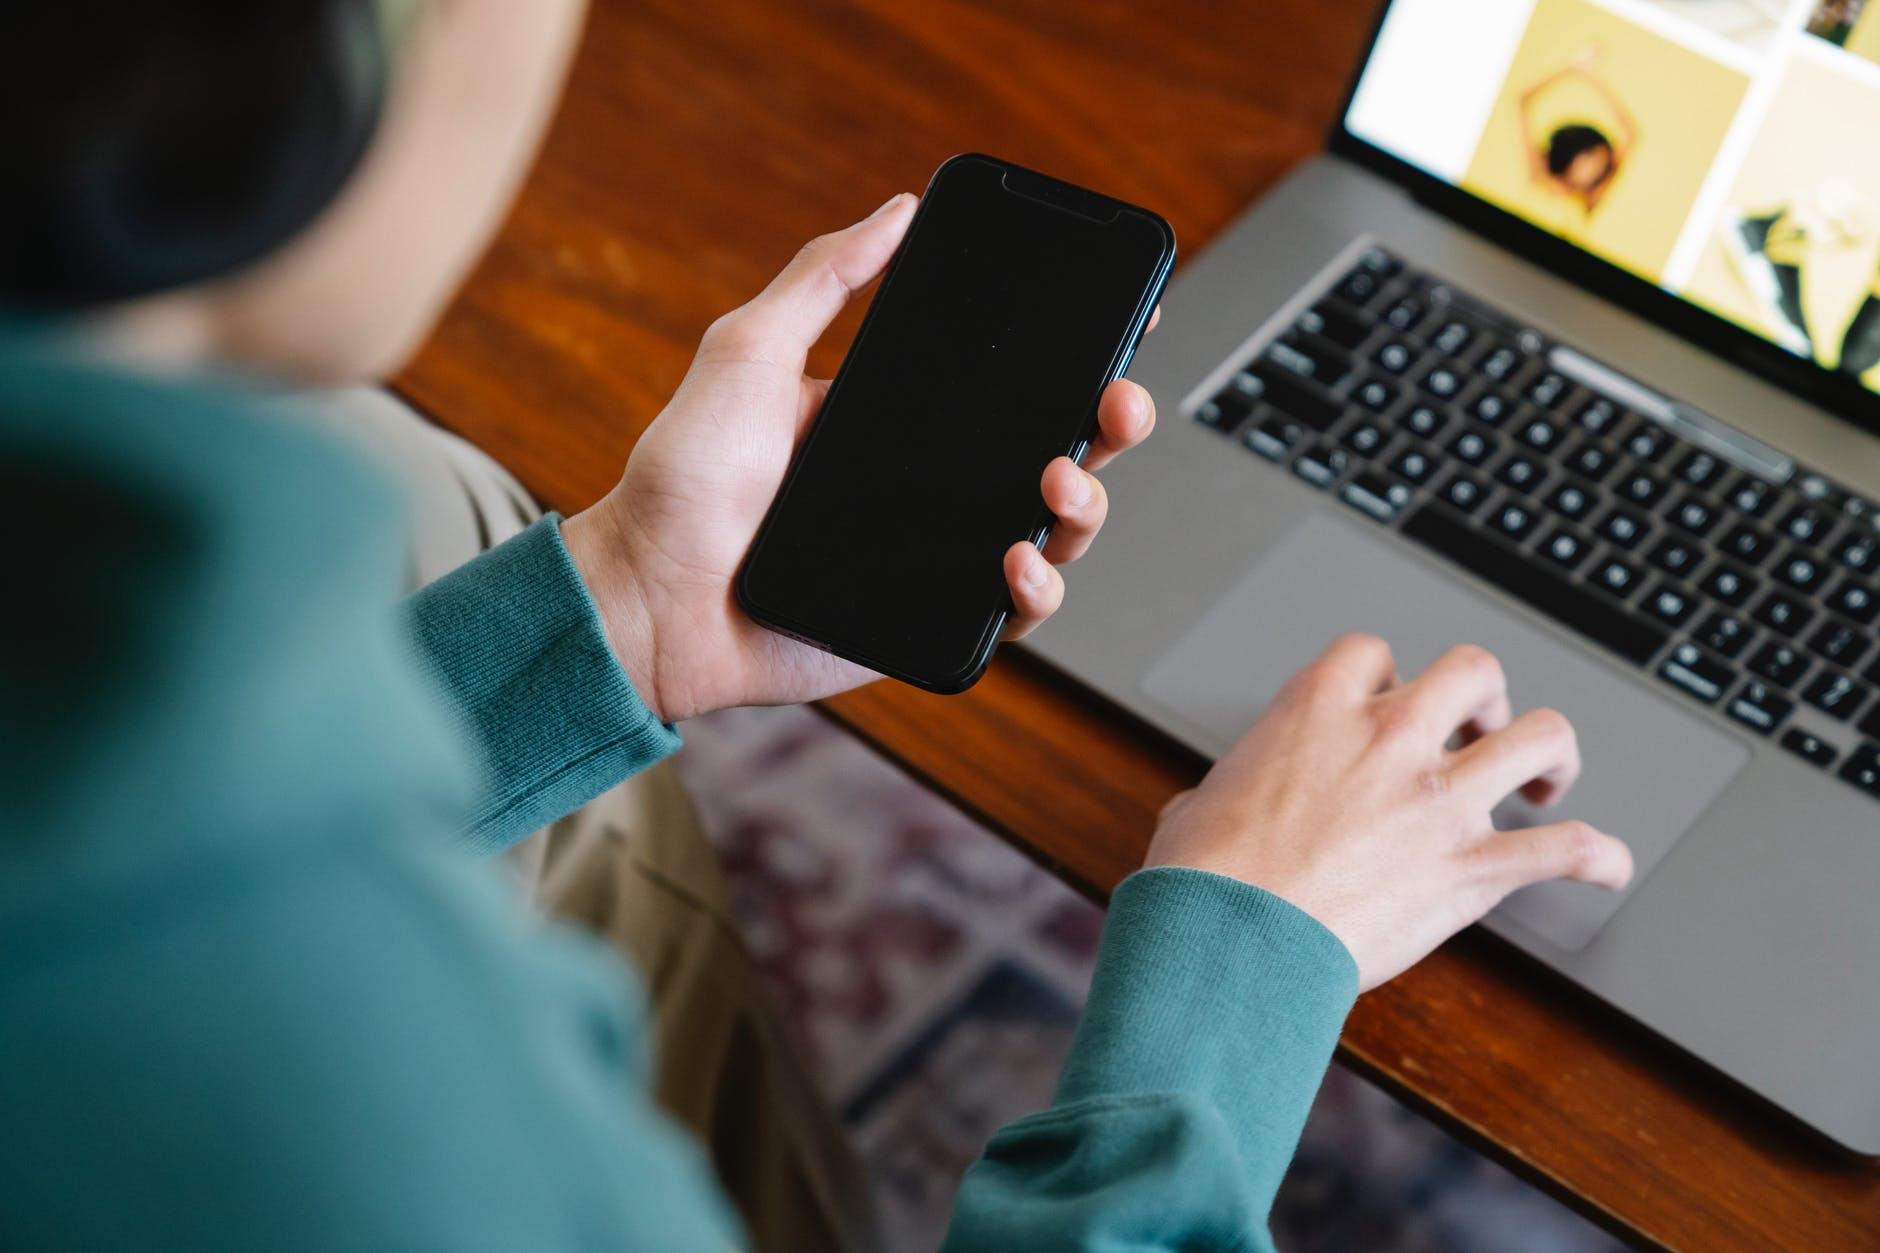 Cara registrasi kartu telkomsel 2021 pelanggan lama dan baru.